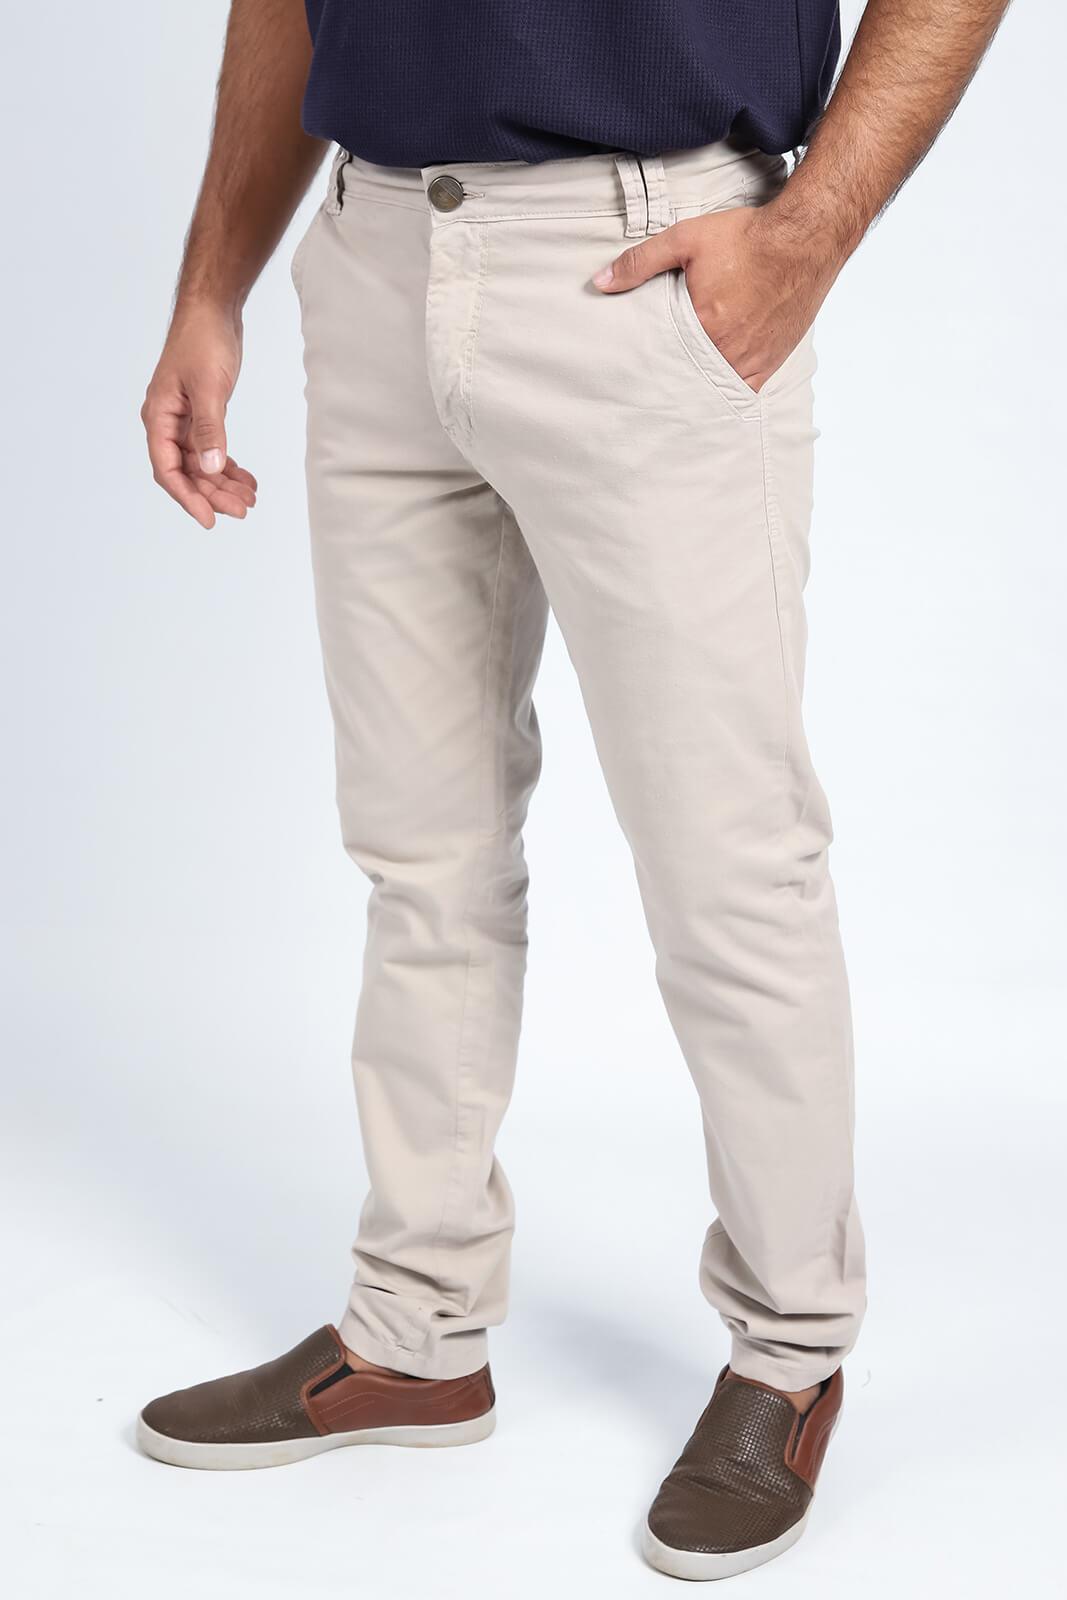 Calça Masculina Sarja